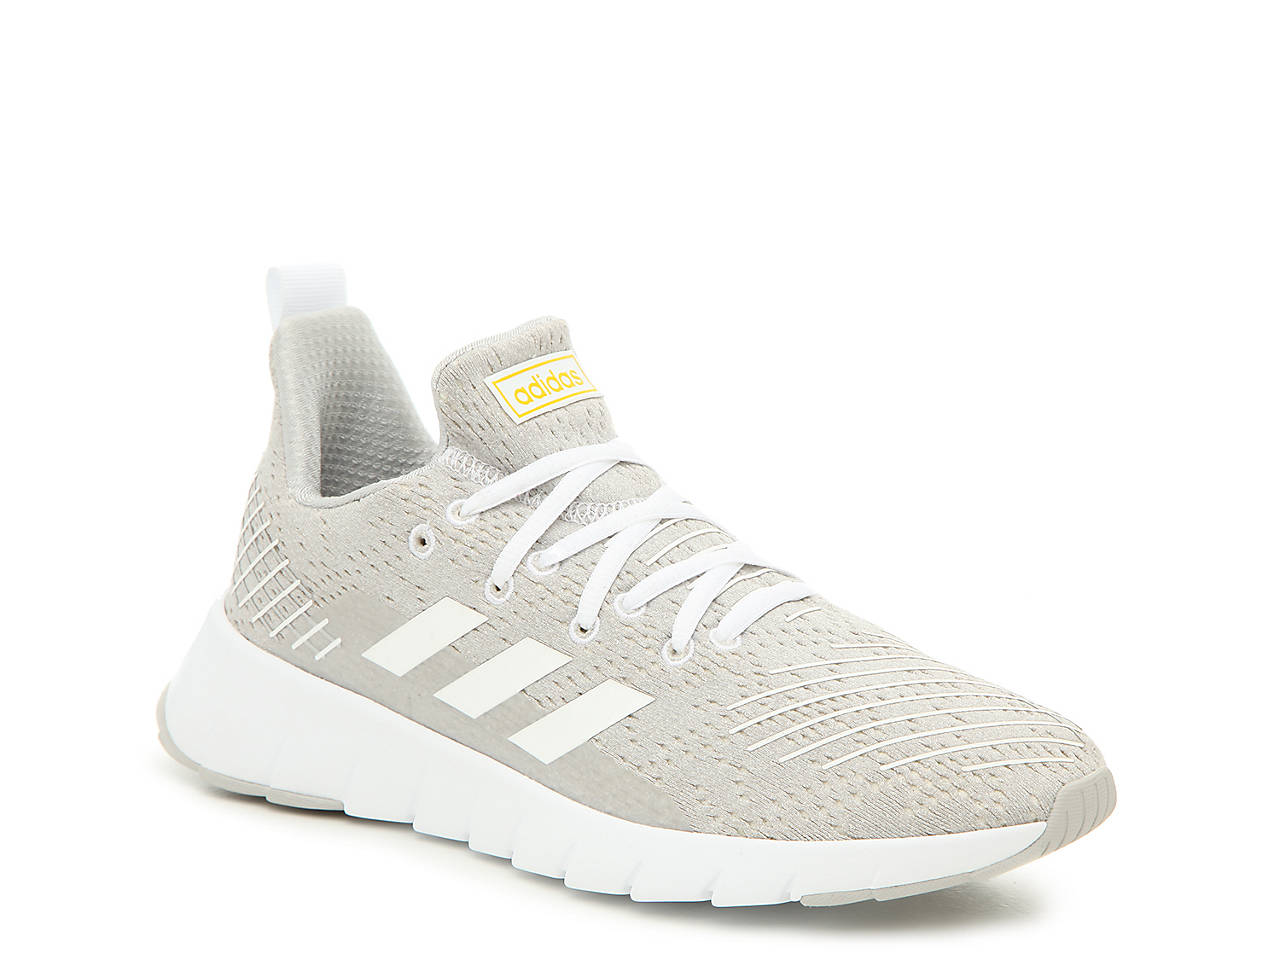 1c3783c66aa5 adidas Asweego Running Shoe - Women s Women s Shoes